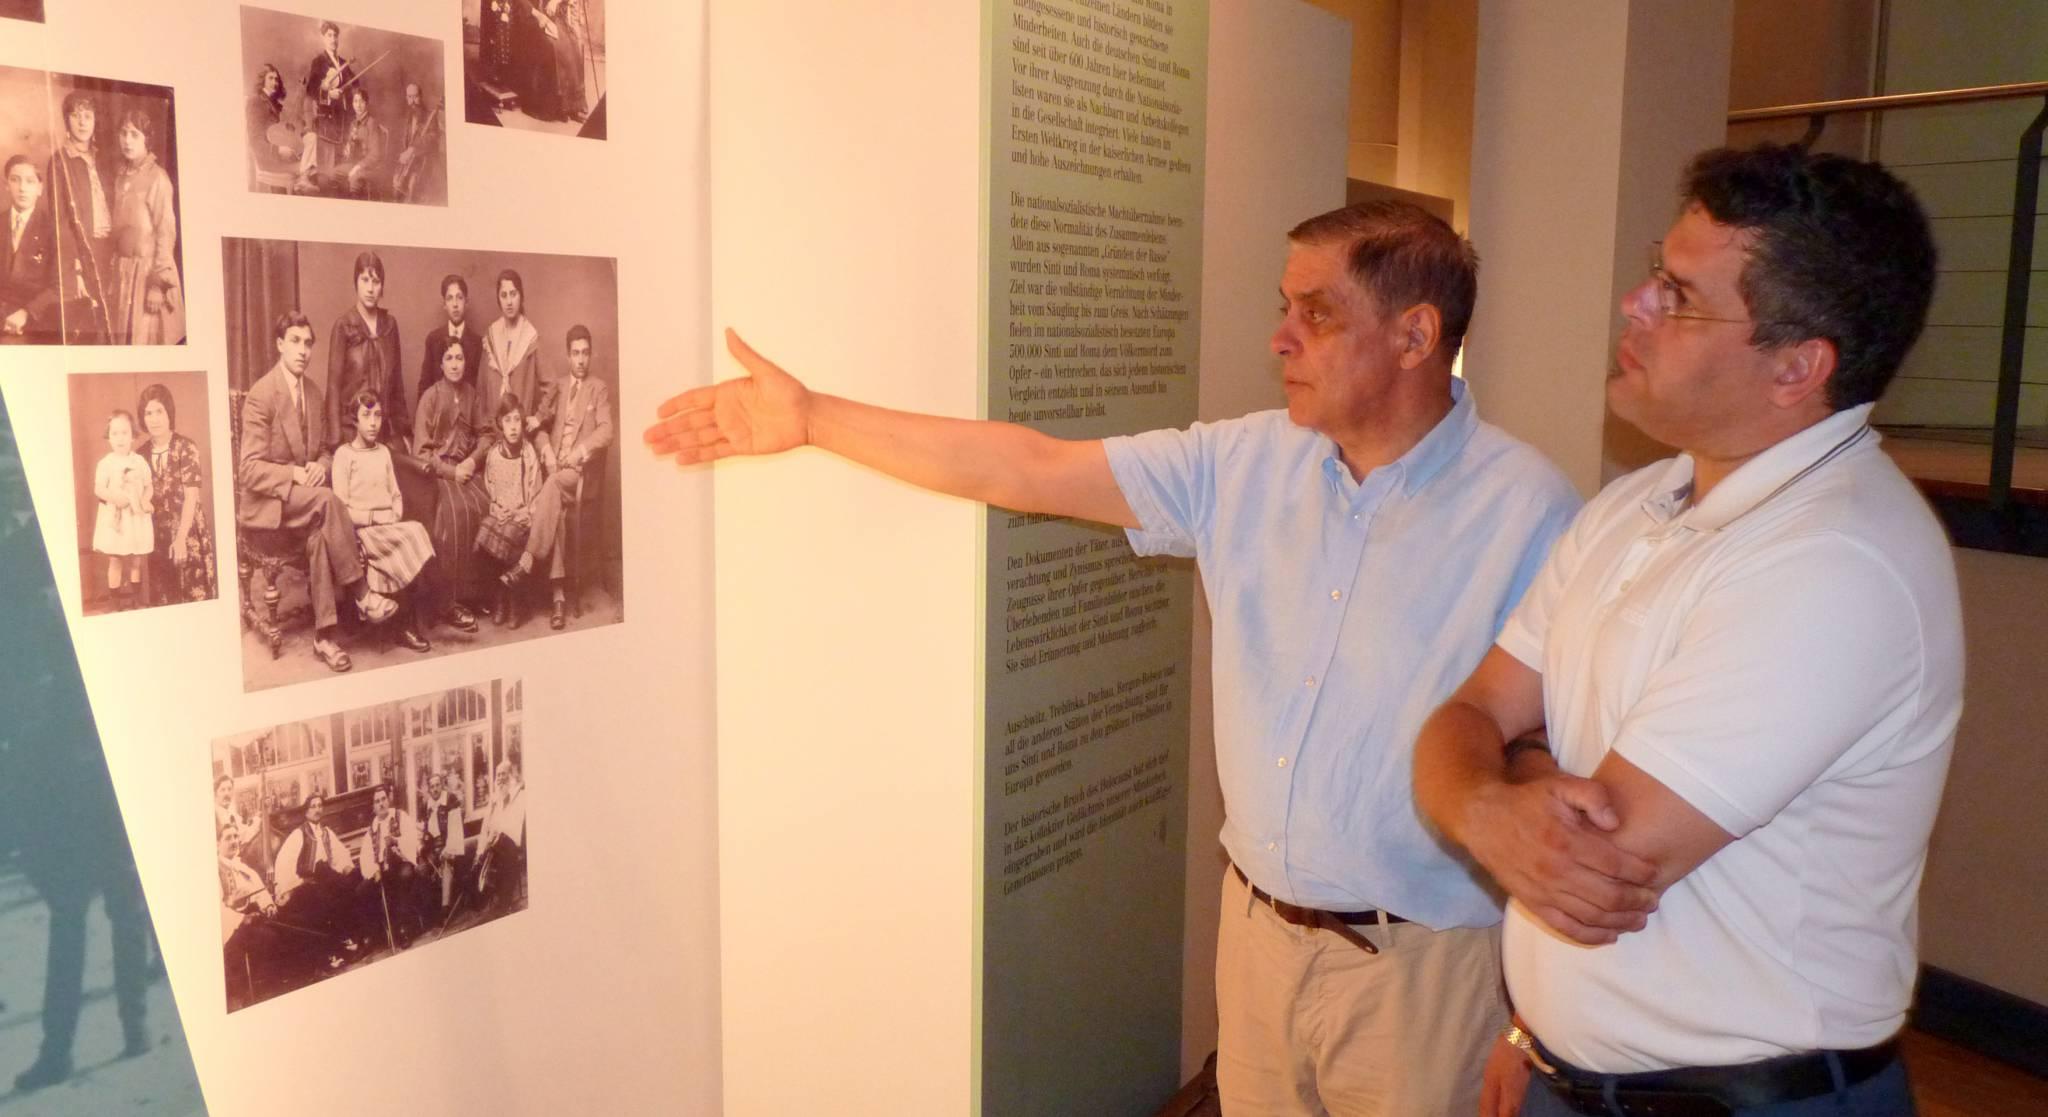 Romani Rose, Vorsitzender des Zentralrates, und LOStA Jens Rommel von der Zentralen Stelle Ludwigsburg in der Ausstellung zum Völkermord an den Sinti und Roma, 19.07.2016